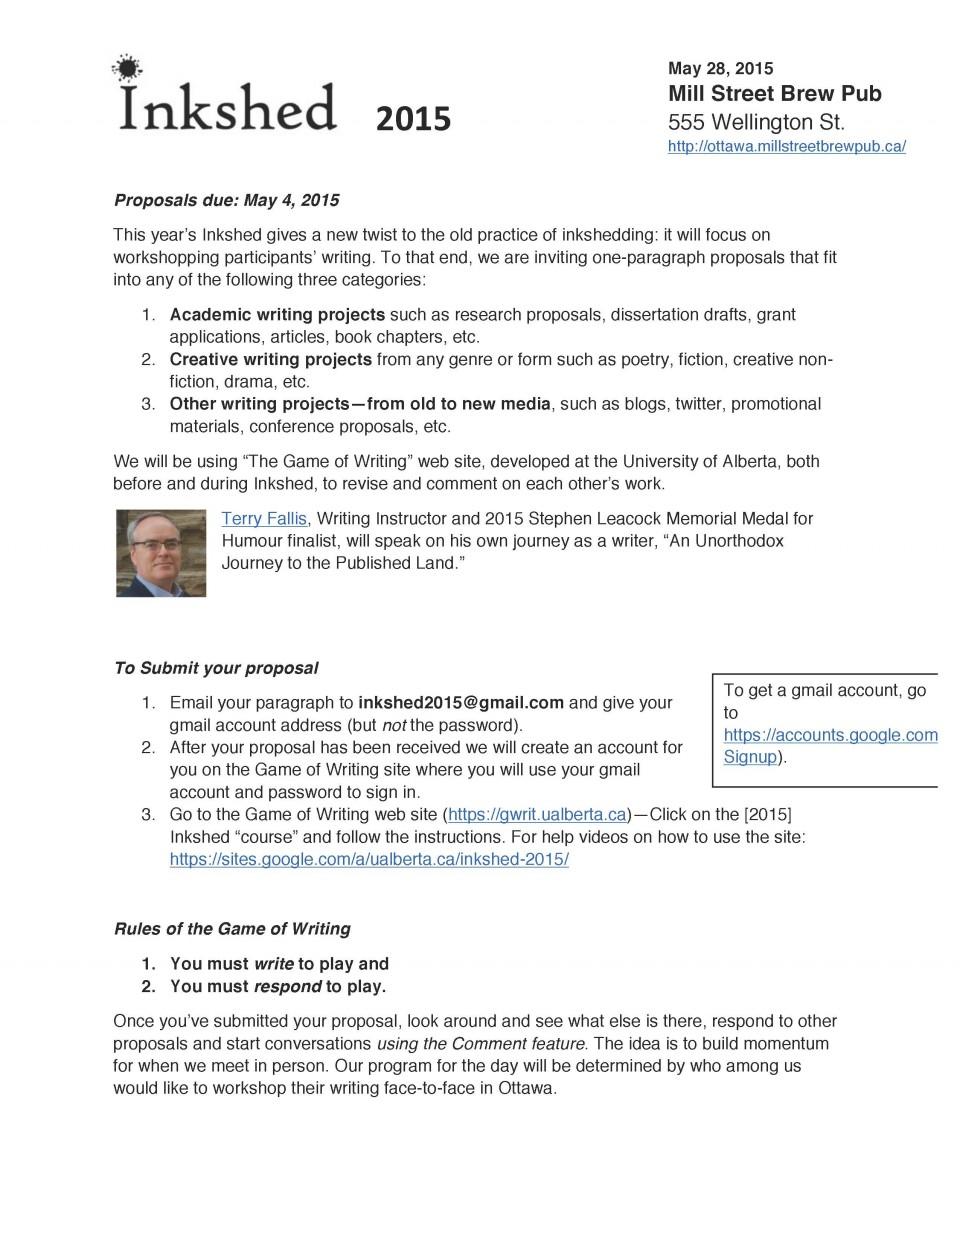 027 Professional Dissertation Proposal Writing Site Usa Njhs Essay Conclusion Unique 960